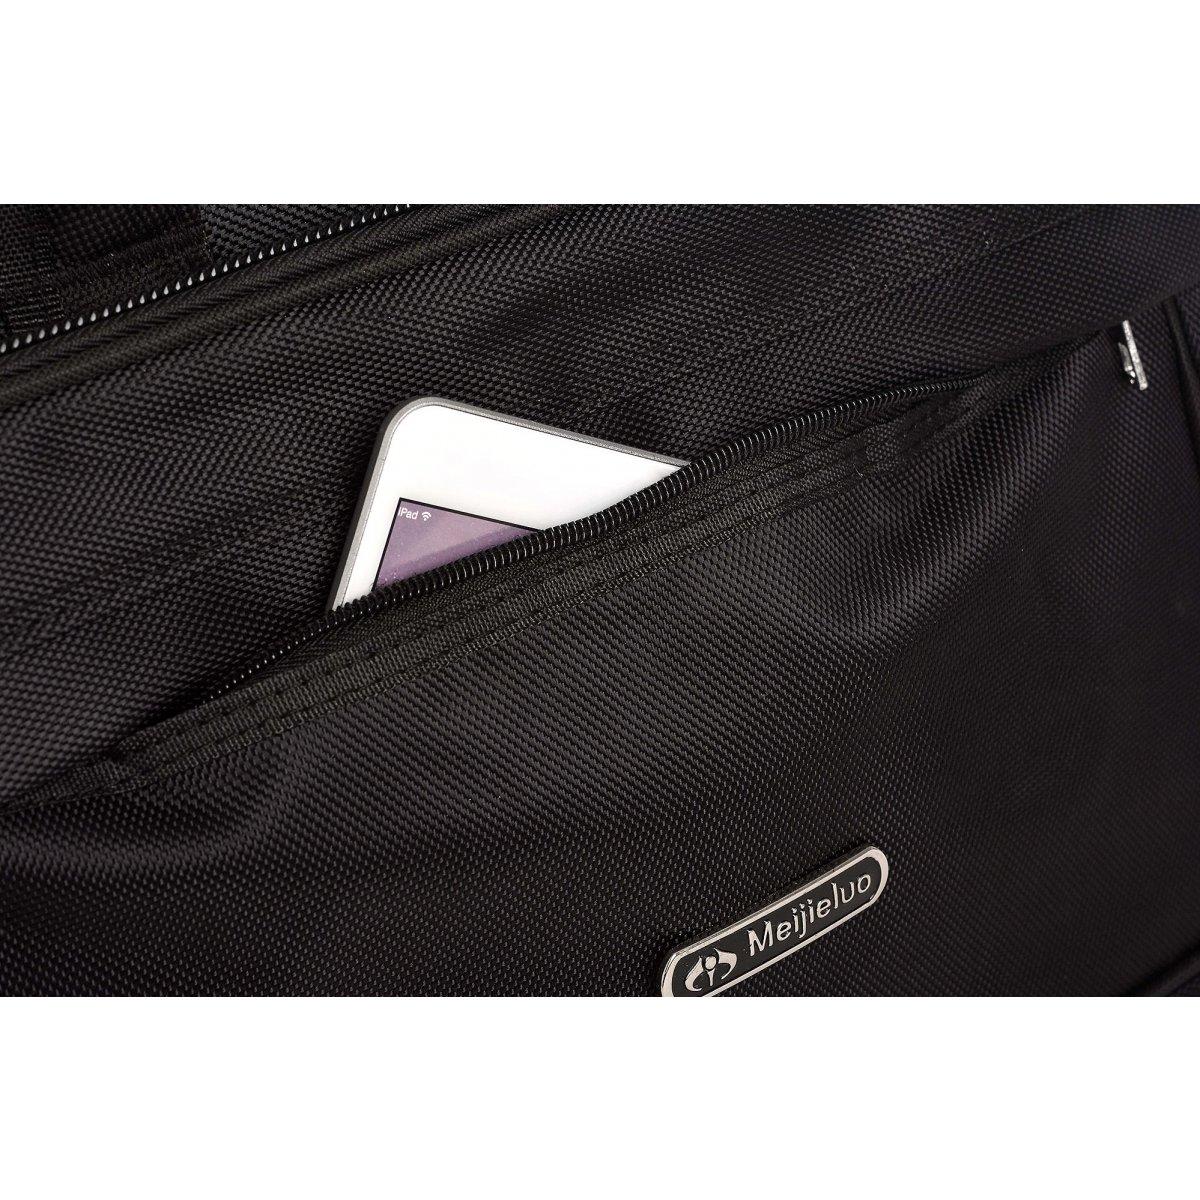 Serviette porte ordinateur extensible les sacs de k 39 rlot hk161008 couleur principale noir for Serviette descamps pas cher